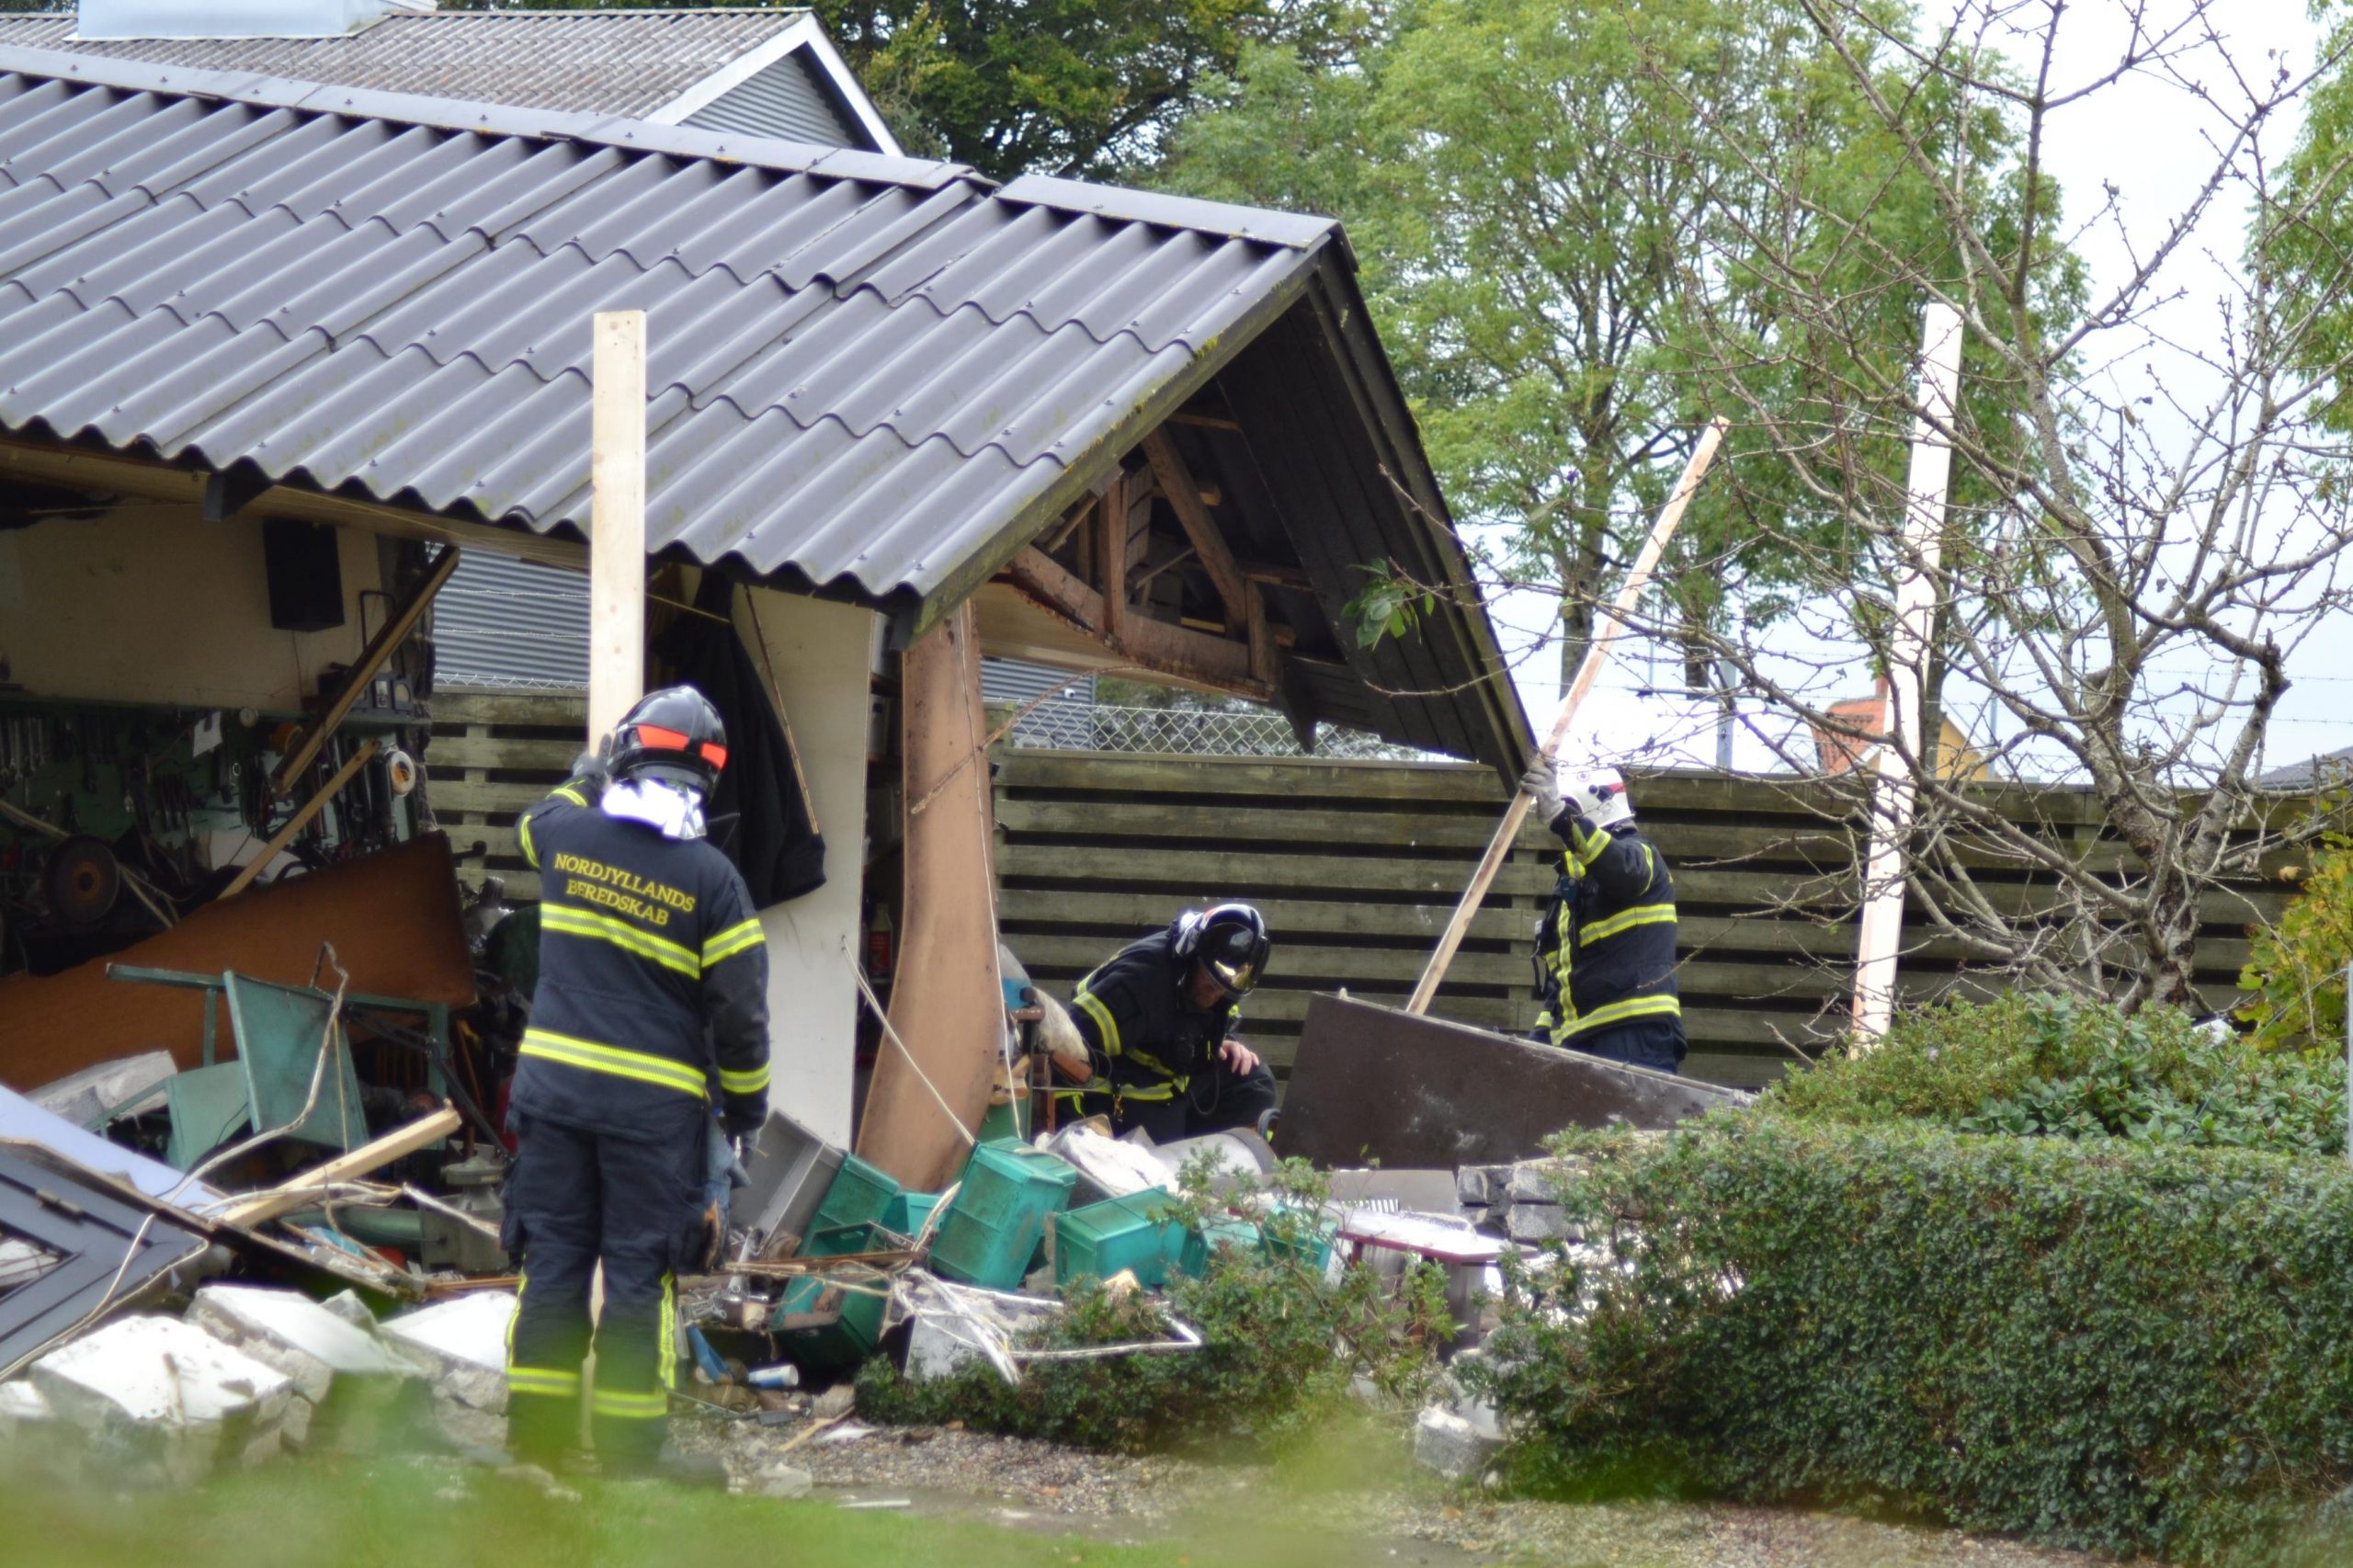 Kraftig eksplosion i hus: Mand er kørt på hospitalet